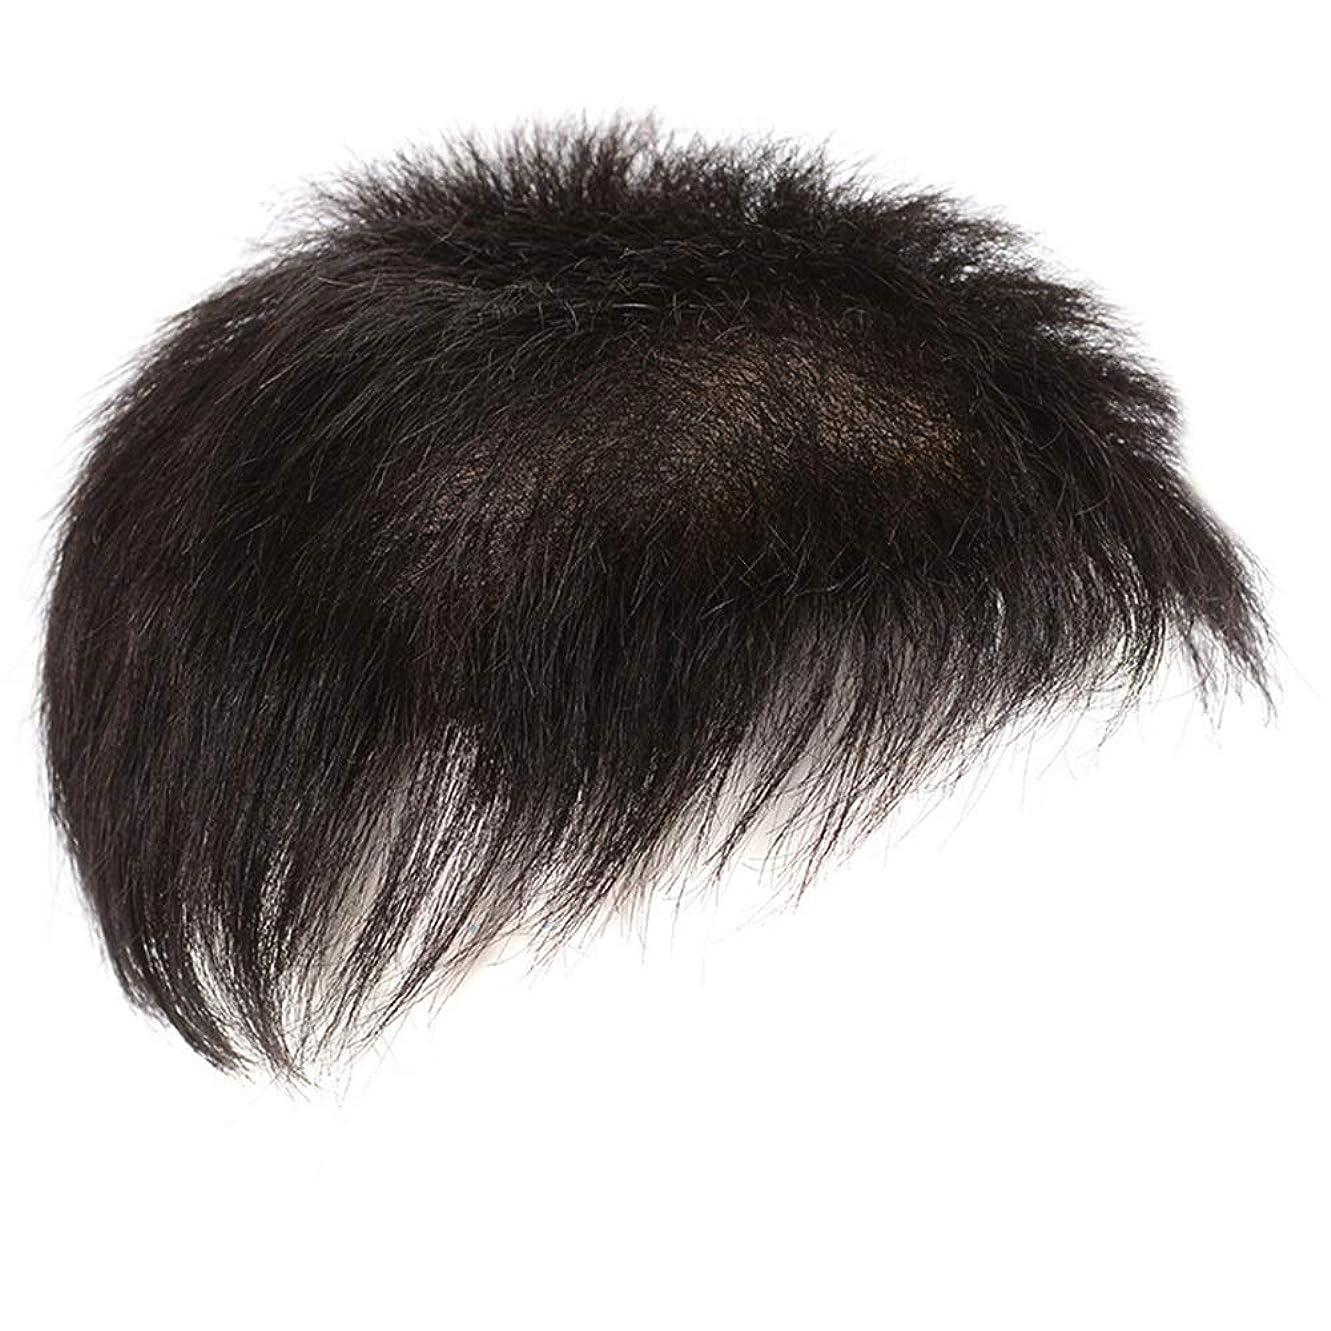 拍車キャリッジ民主主義HOHYLLYA 男のための本物の毛髪のかつらのフルハンド織ヘアクリップ脱毛かつらパーティーかつら (色 : A, サイズ : [18X20])